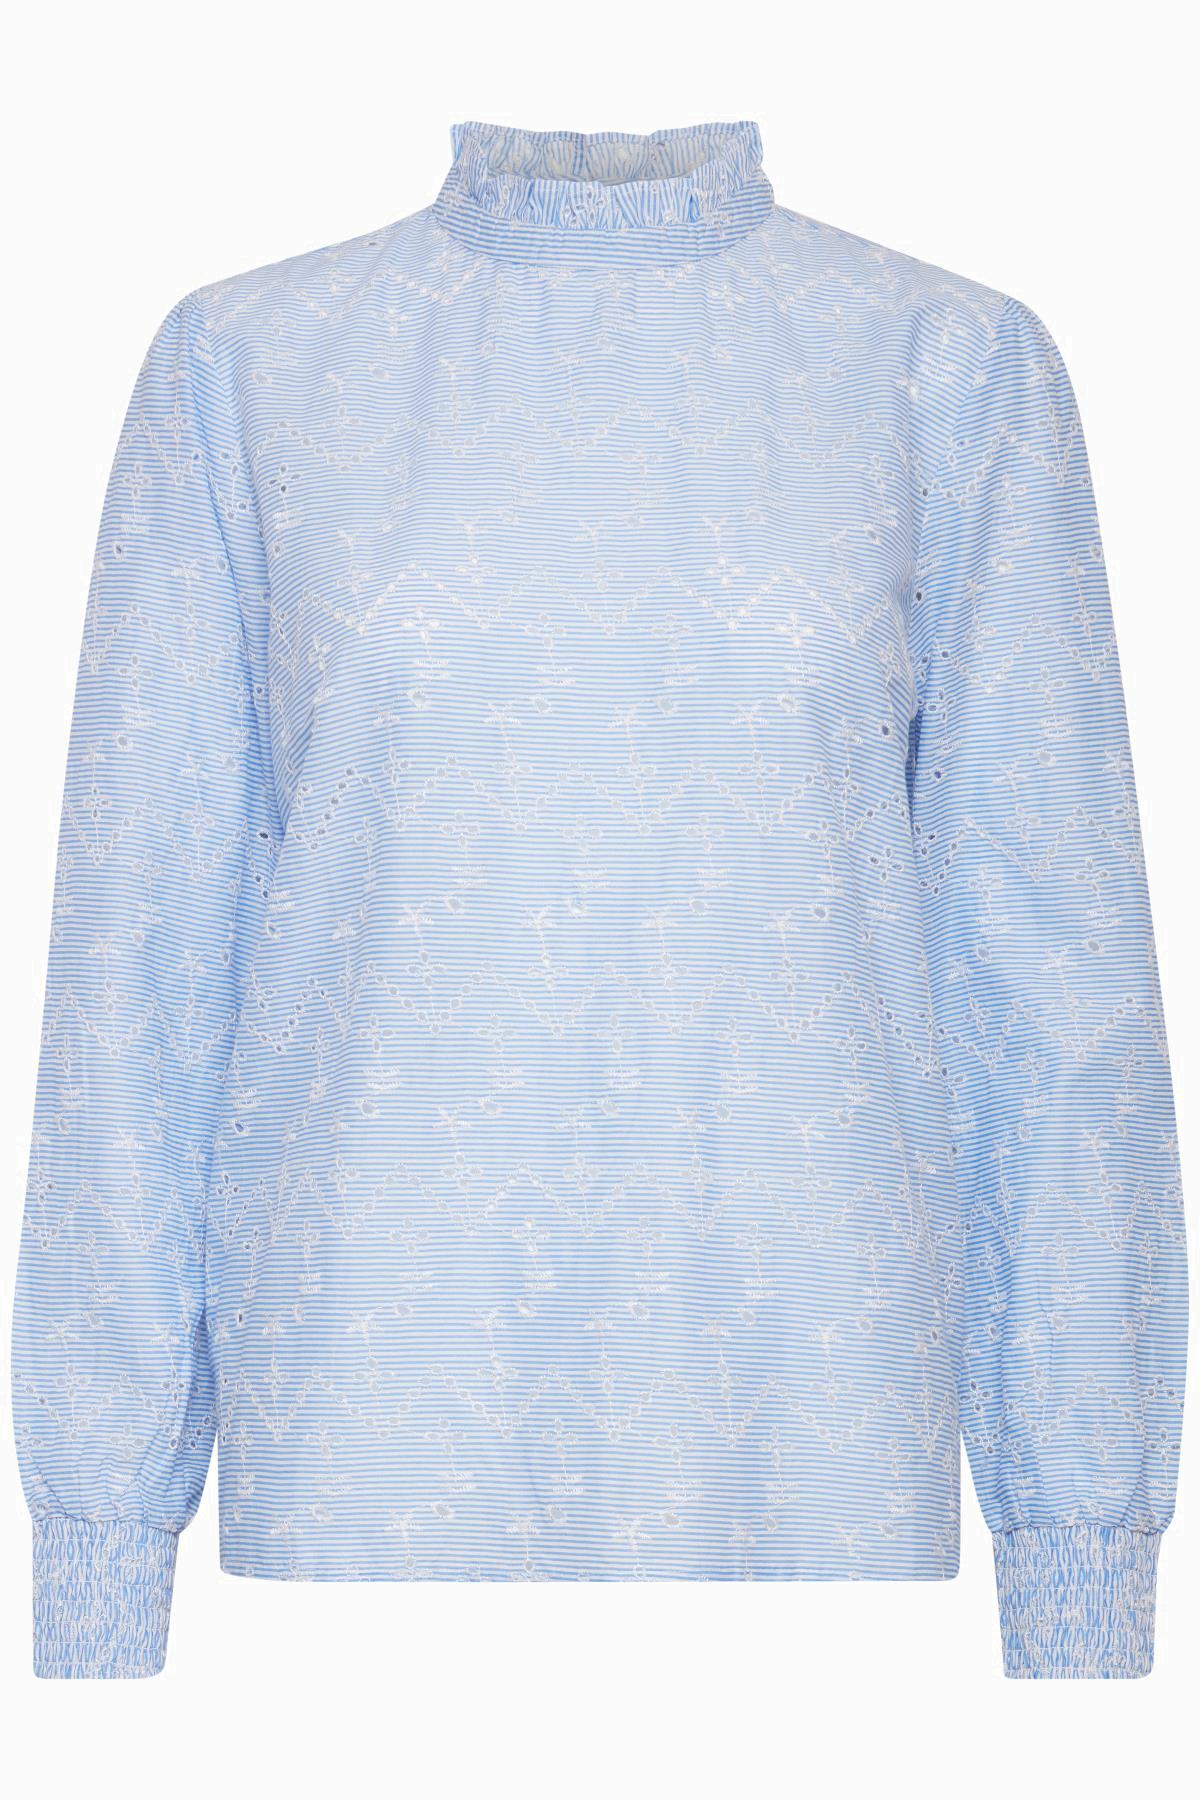 Cornflower Blue Langærmet bluse fra b.young – Køb Cornflower Blue Langærmet bluse fra str. 36-46 her